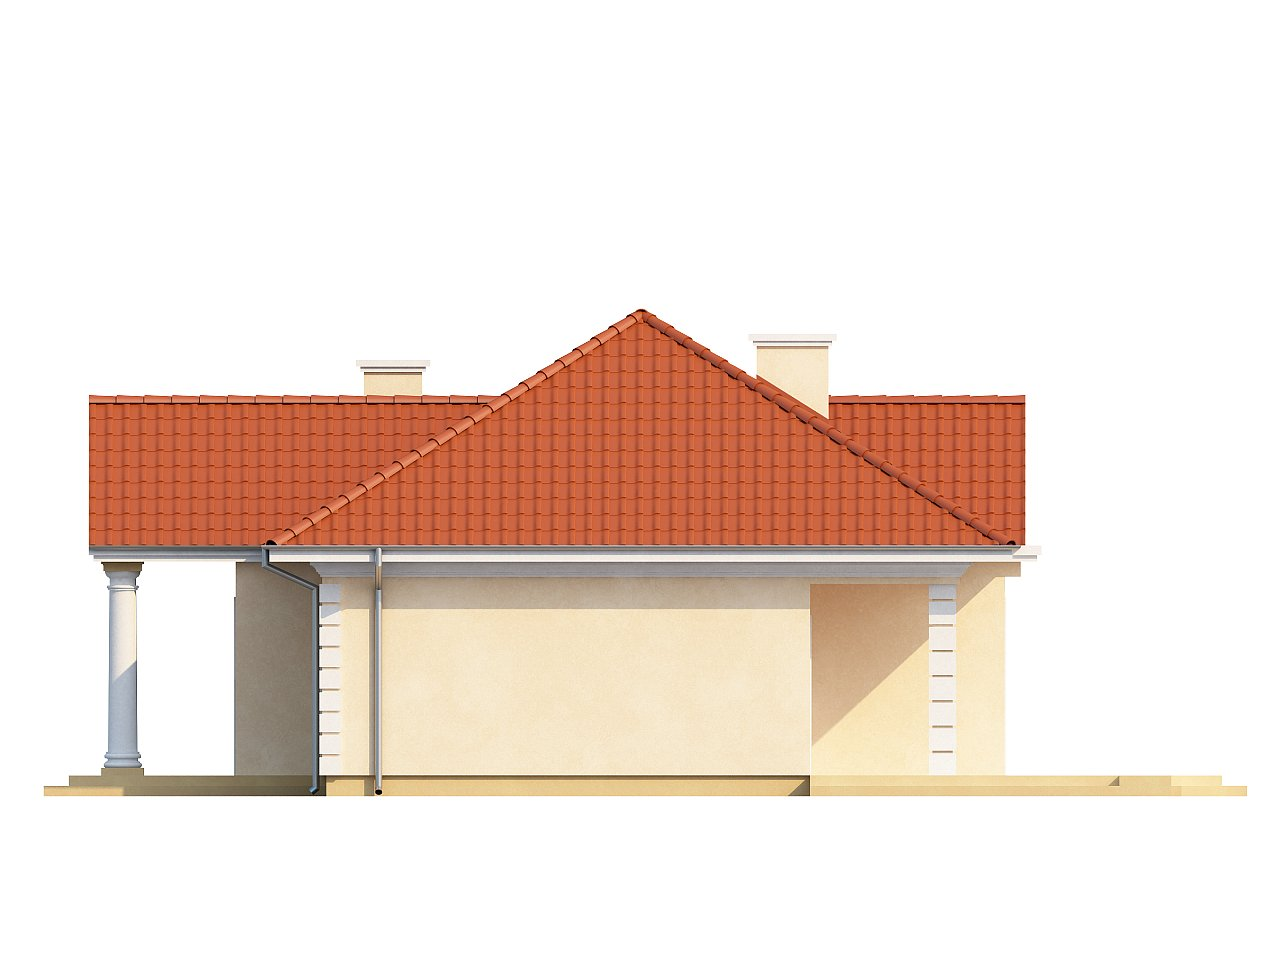 Проект в стиле дворянской усадьбы с возможностью обустройства чердачного помещения. 15